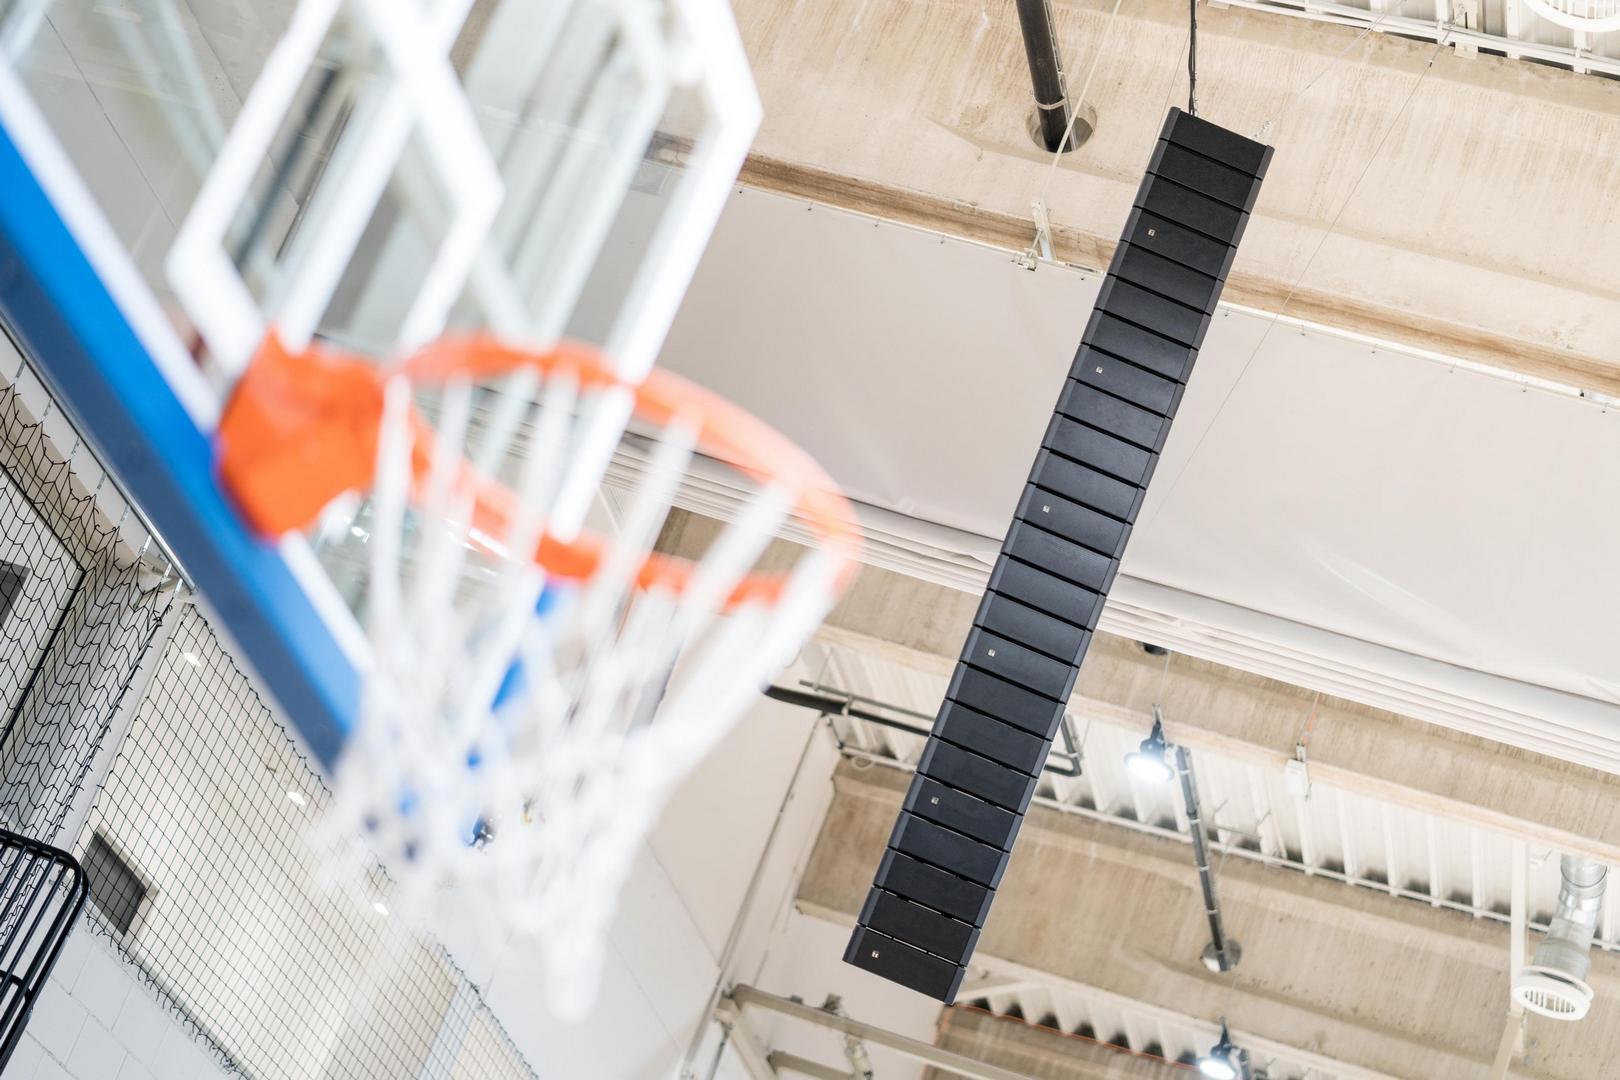 A Nemzeti Kosárlabda Arénában telepített hangsugárzók